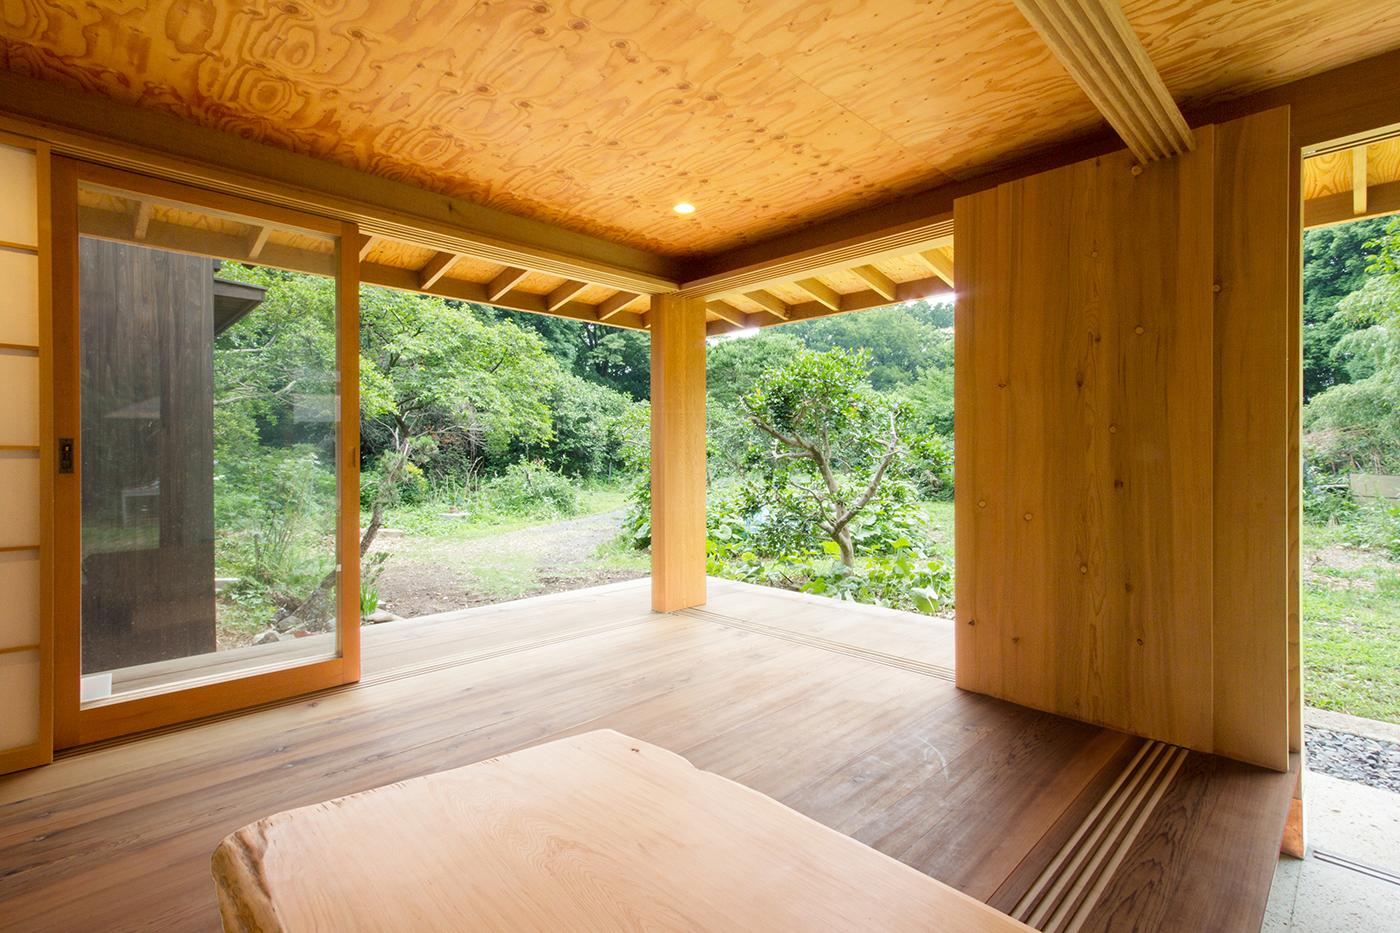 木造、ゲストハウス、薪ストーブ、大谷石、増築、群馬、舘林、一級建築士事務所、建築家、レッドシダー、針葉樹合板